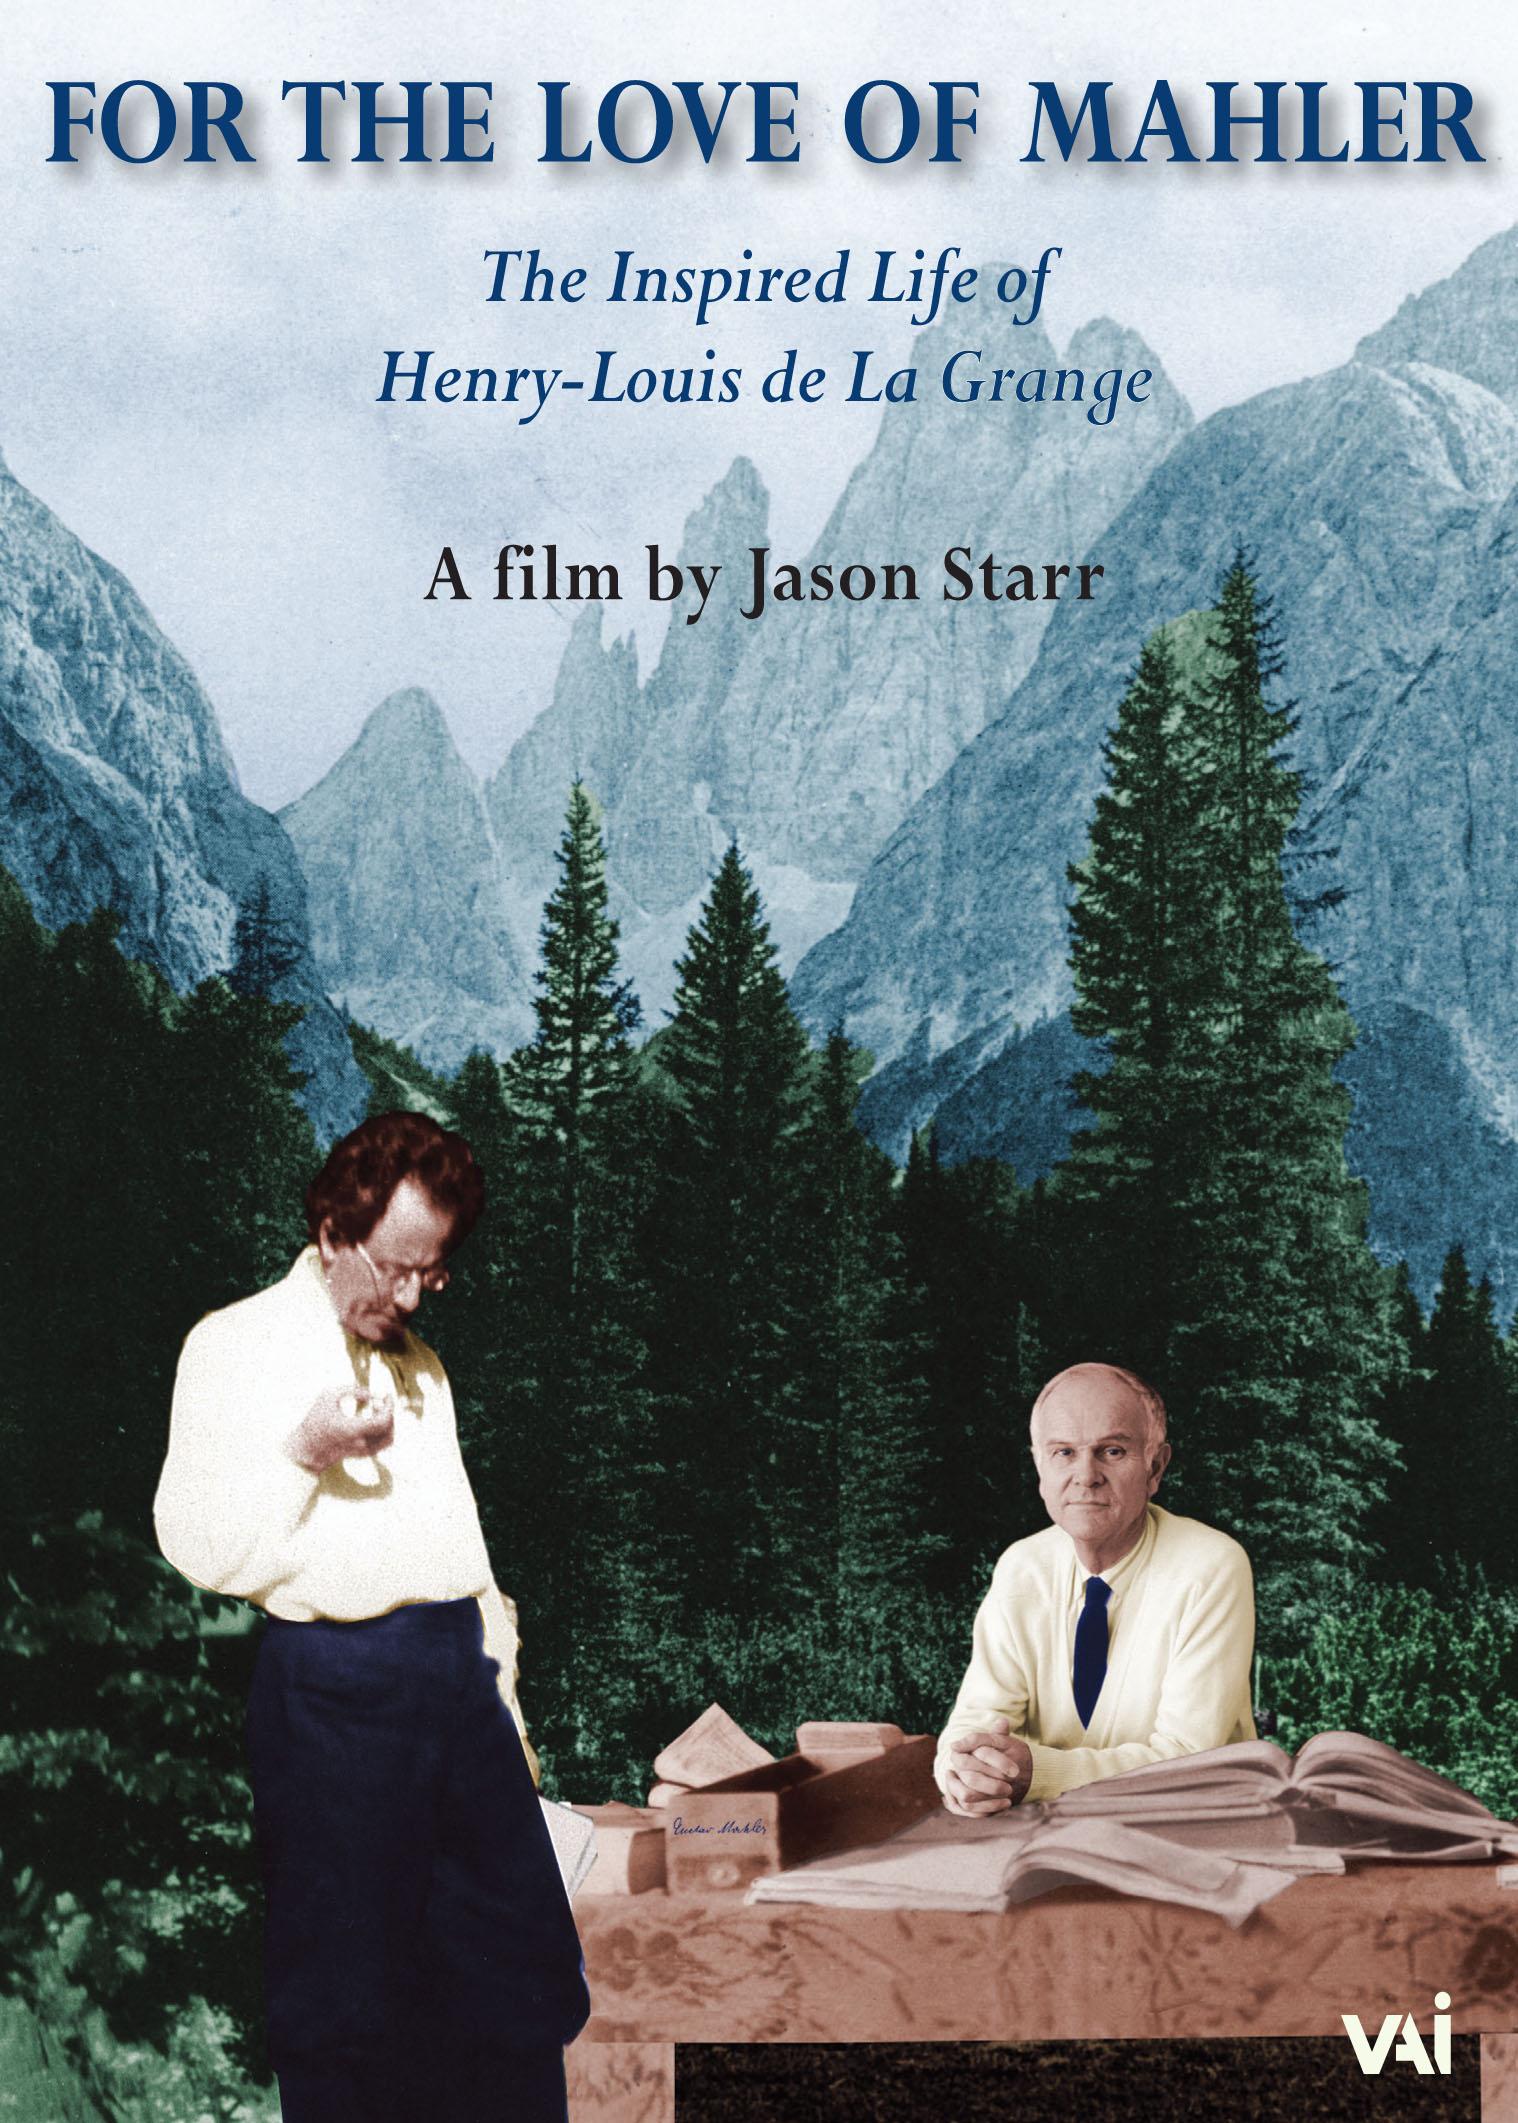 For the Love of Mahler: The Inspired Life of Henry-Louis de La Grange